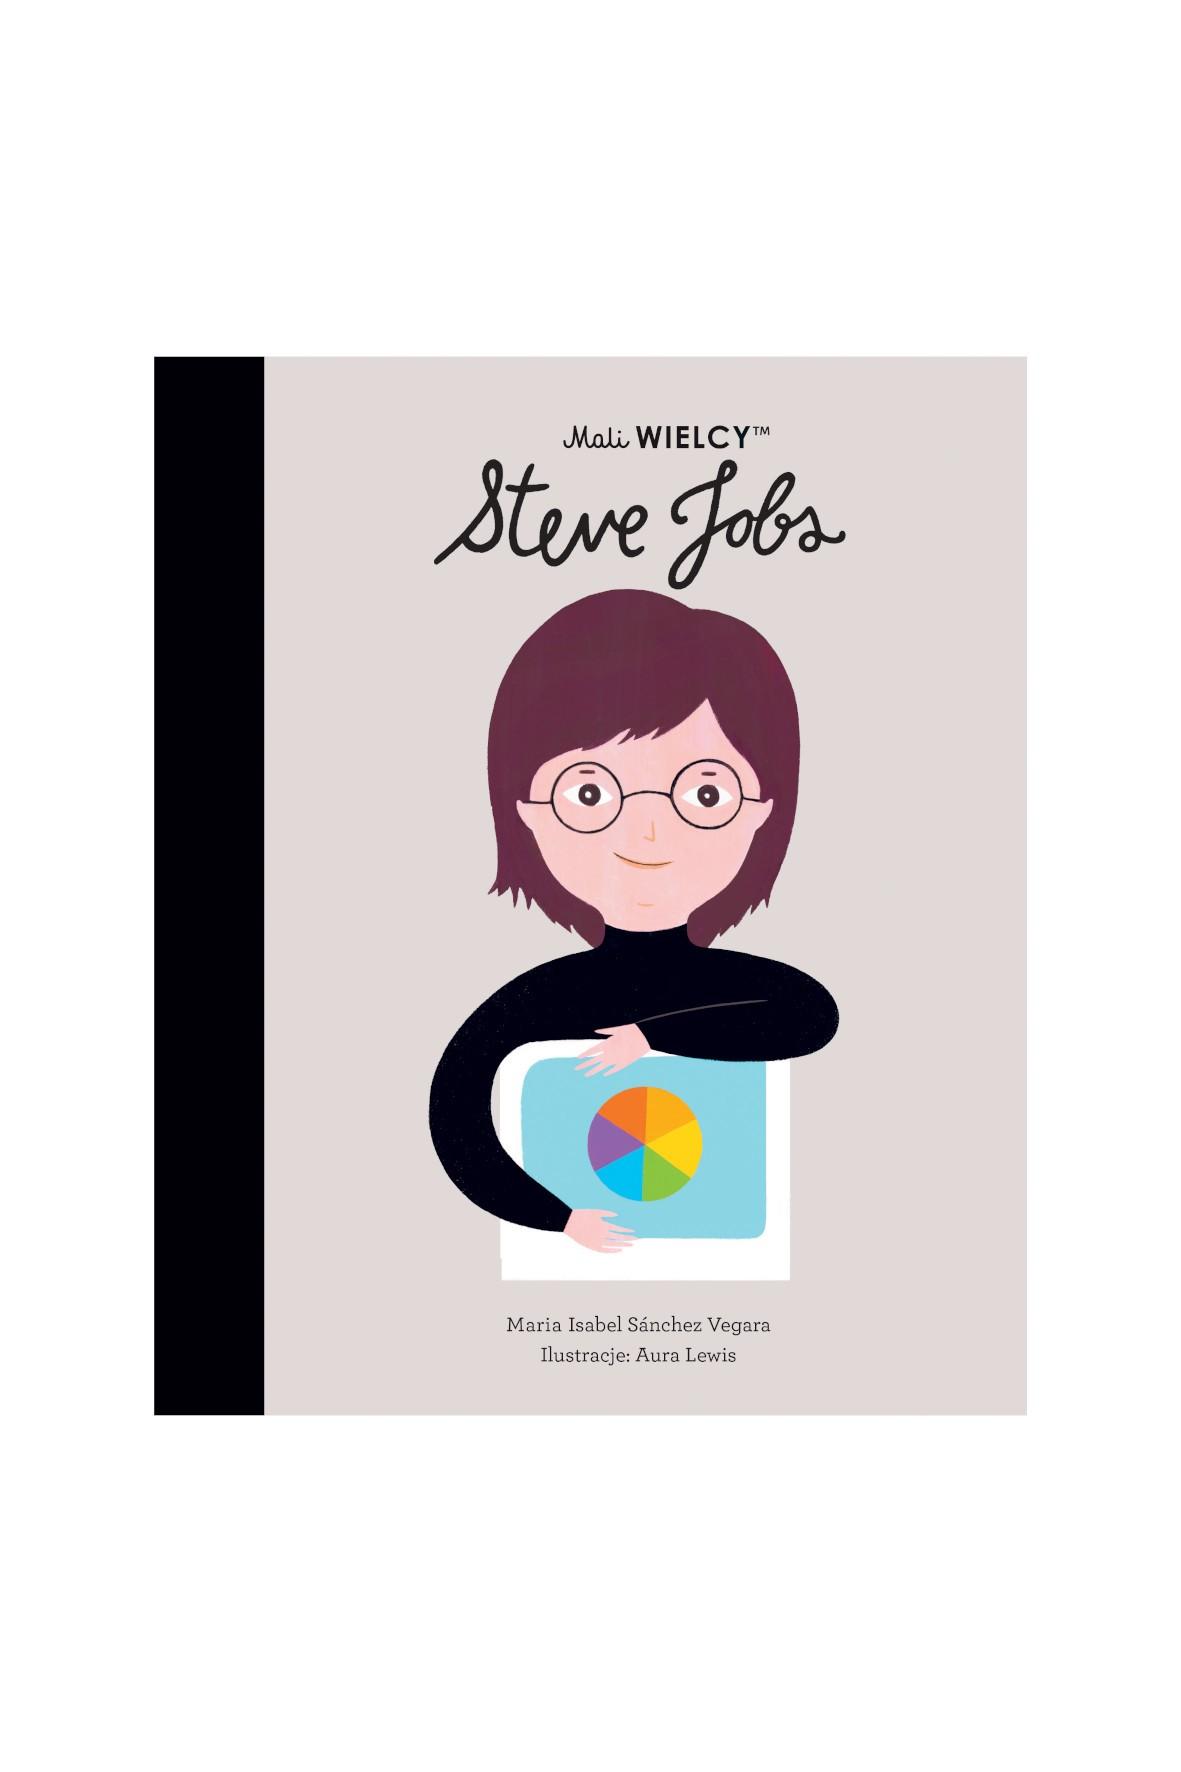 Książka dla dzieci- Mali WIELCY. Steve Jobs wiek 3+